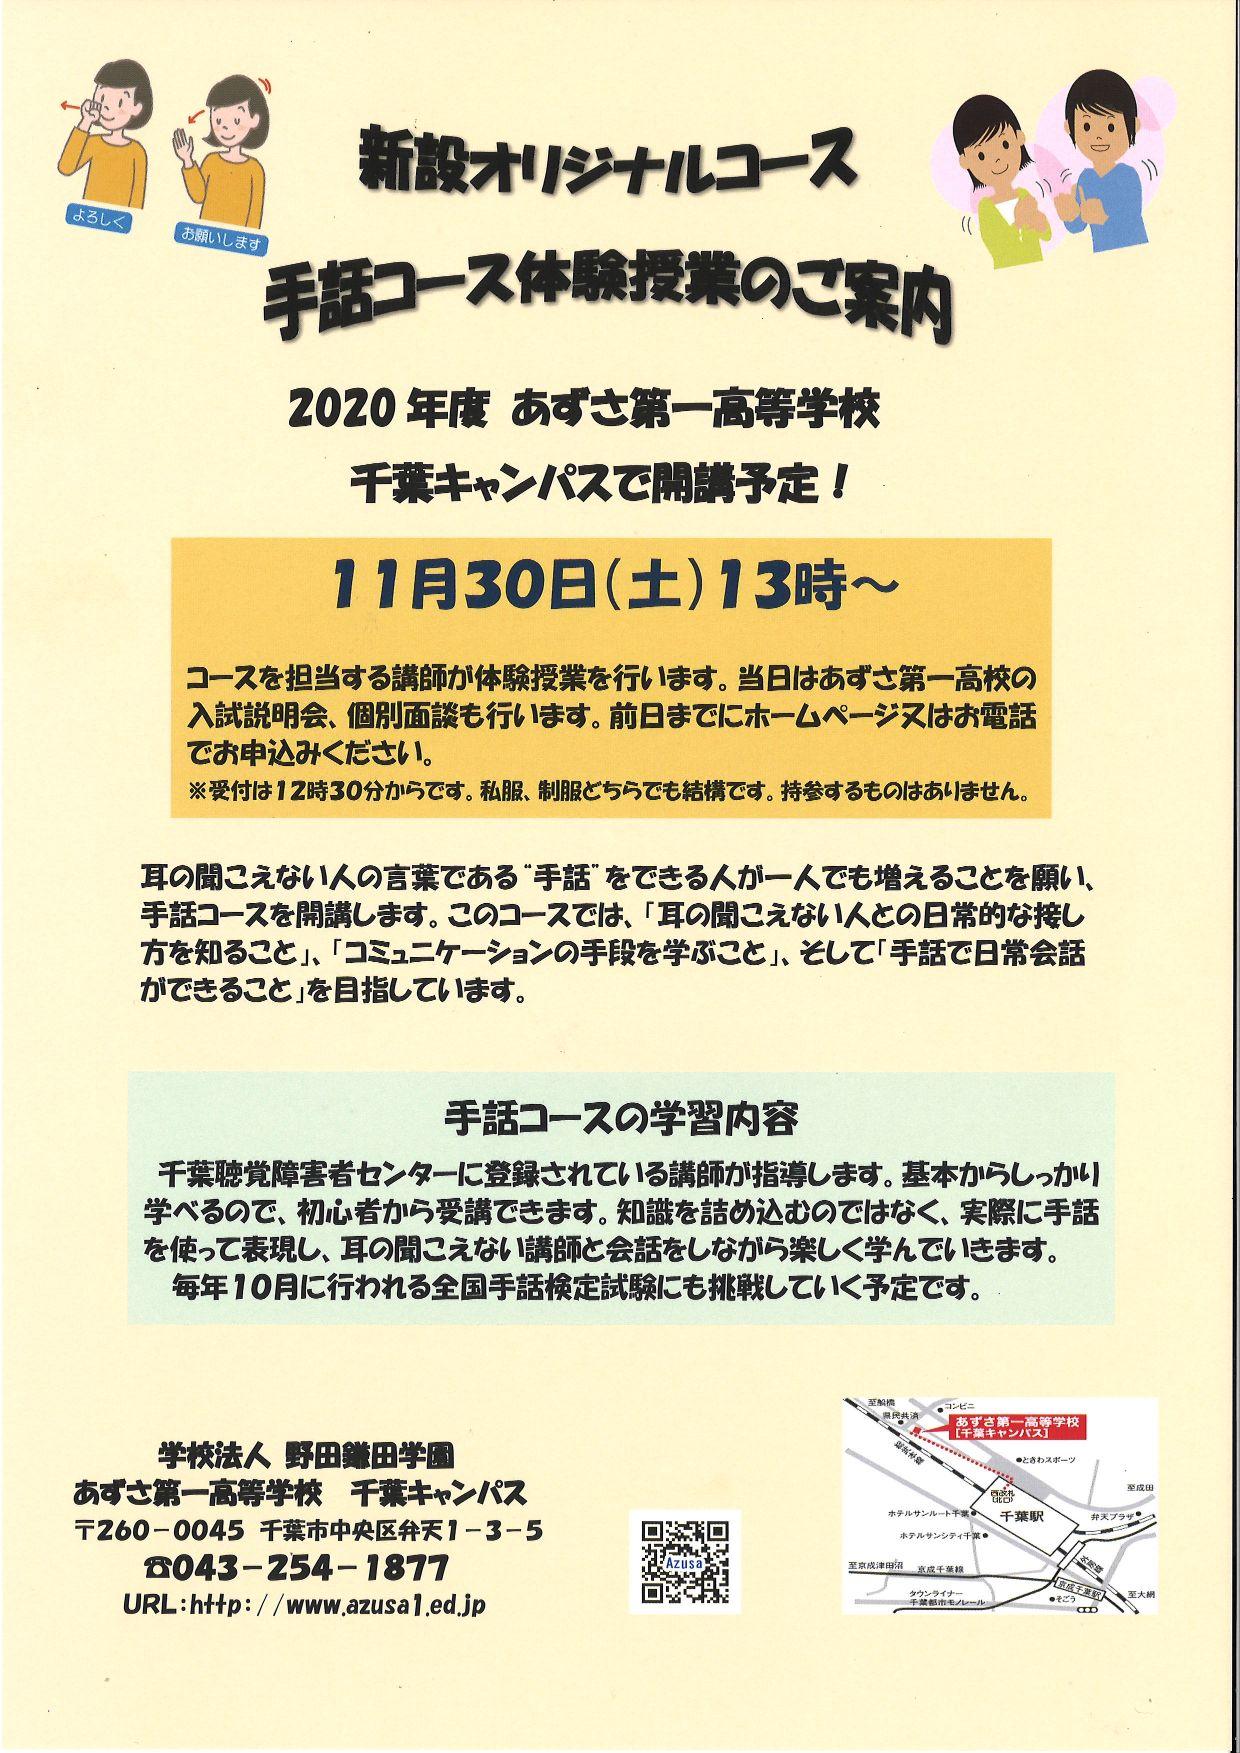 千葉キャンパス 学校説明会&秋の体験授業 image3